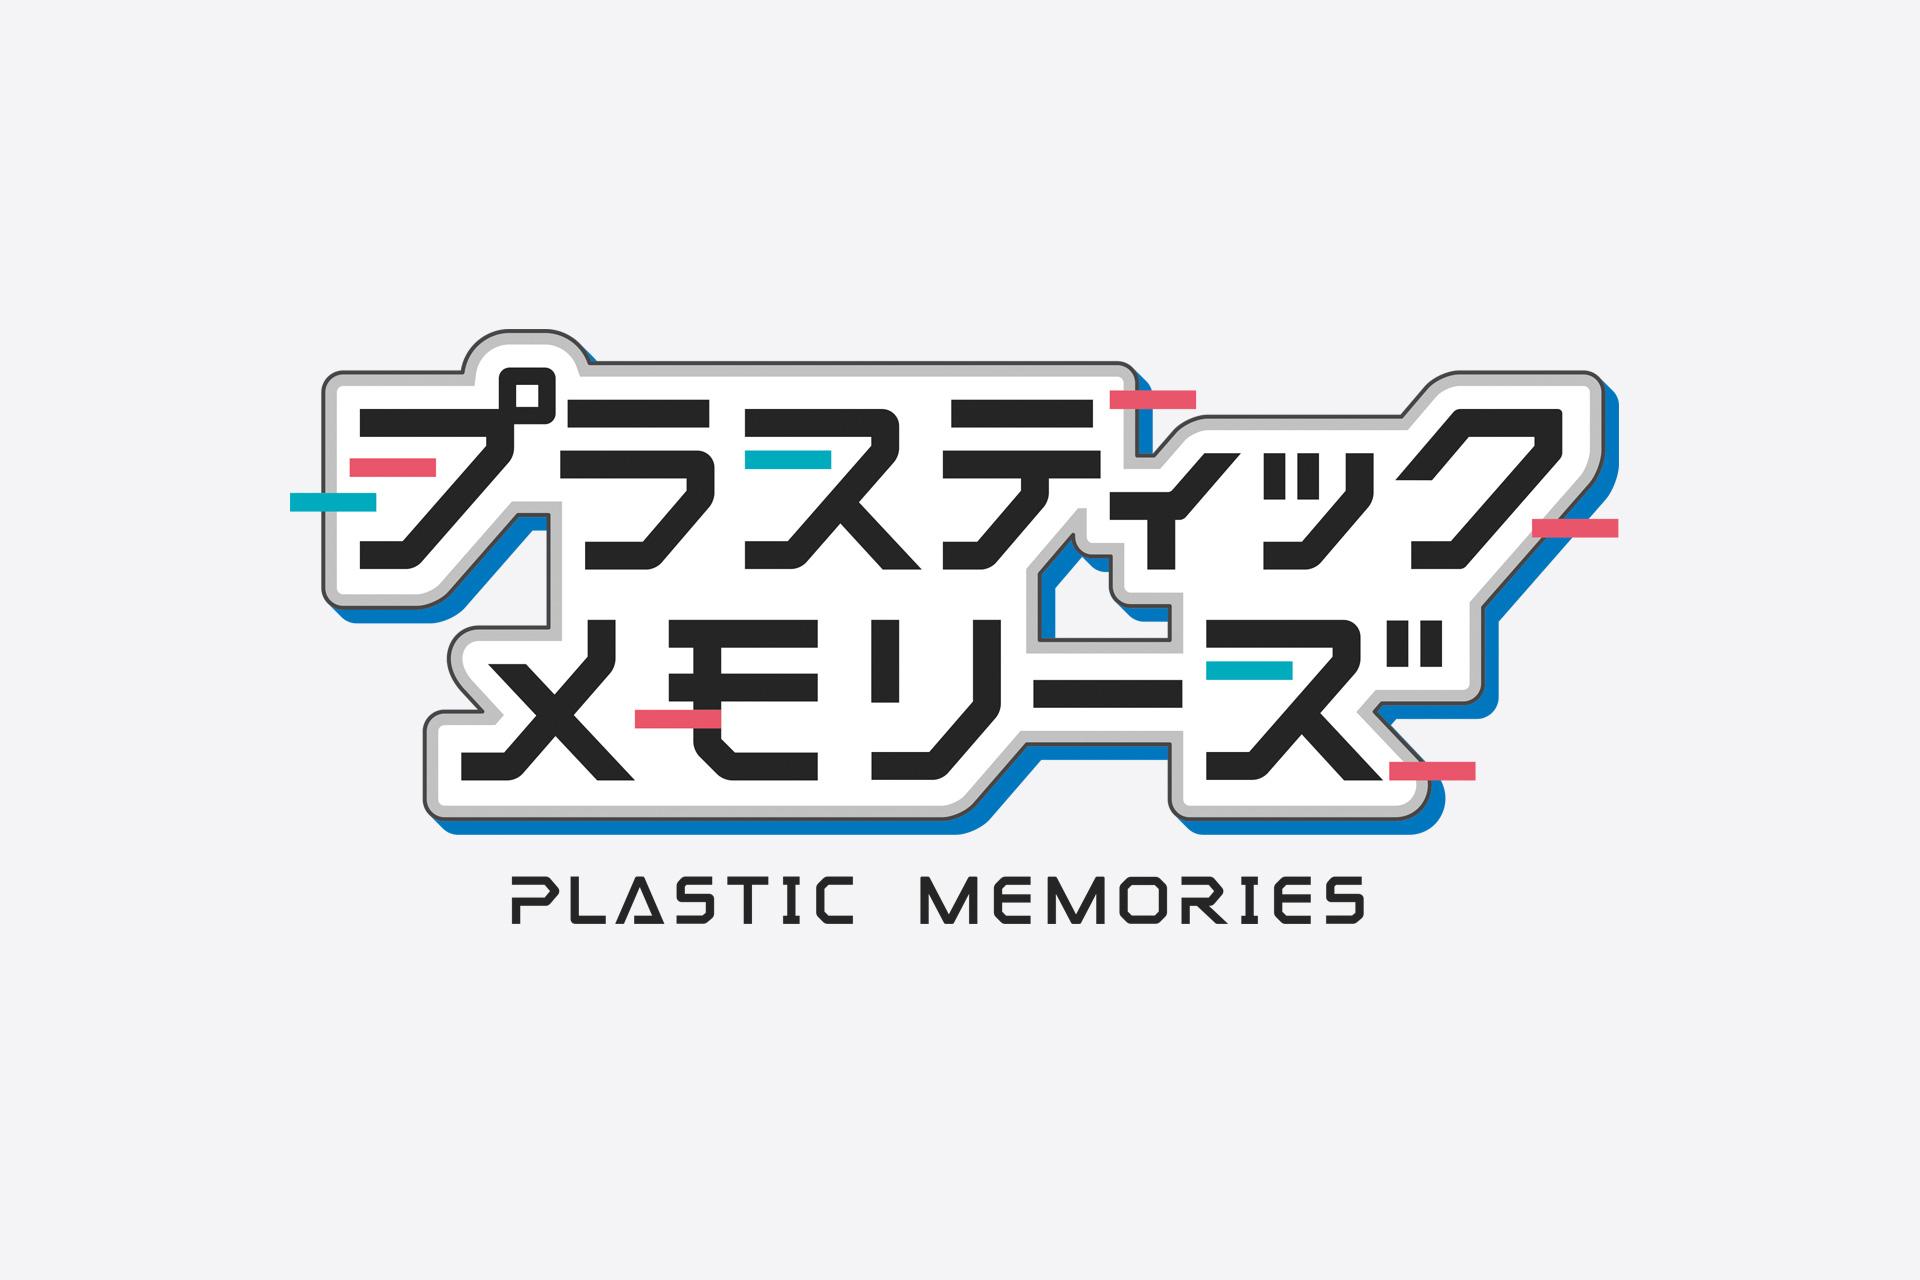 TVアニメーション「プラスティック・メモリーズ」番組ロゴ